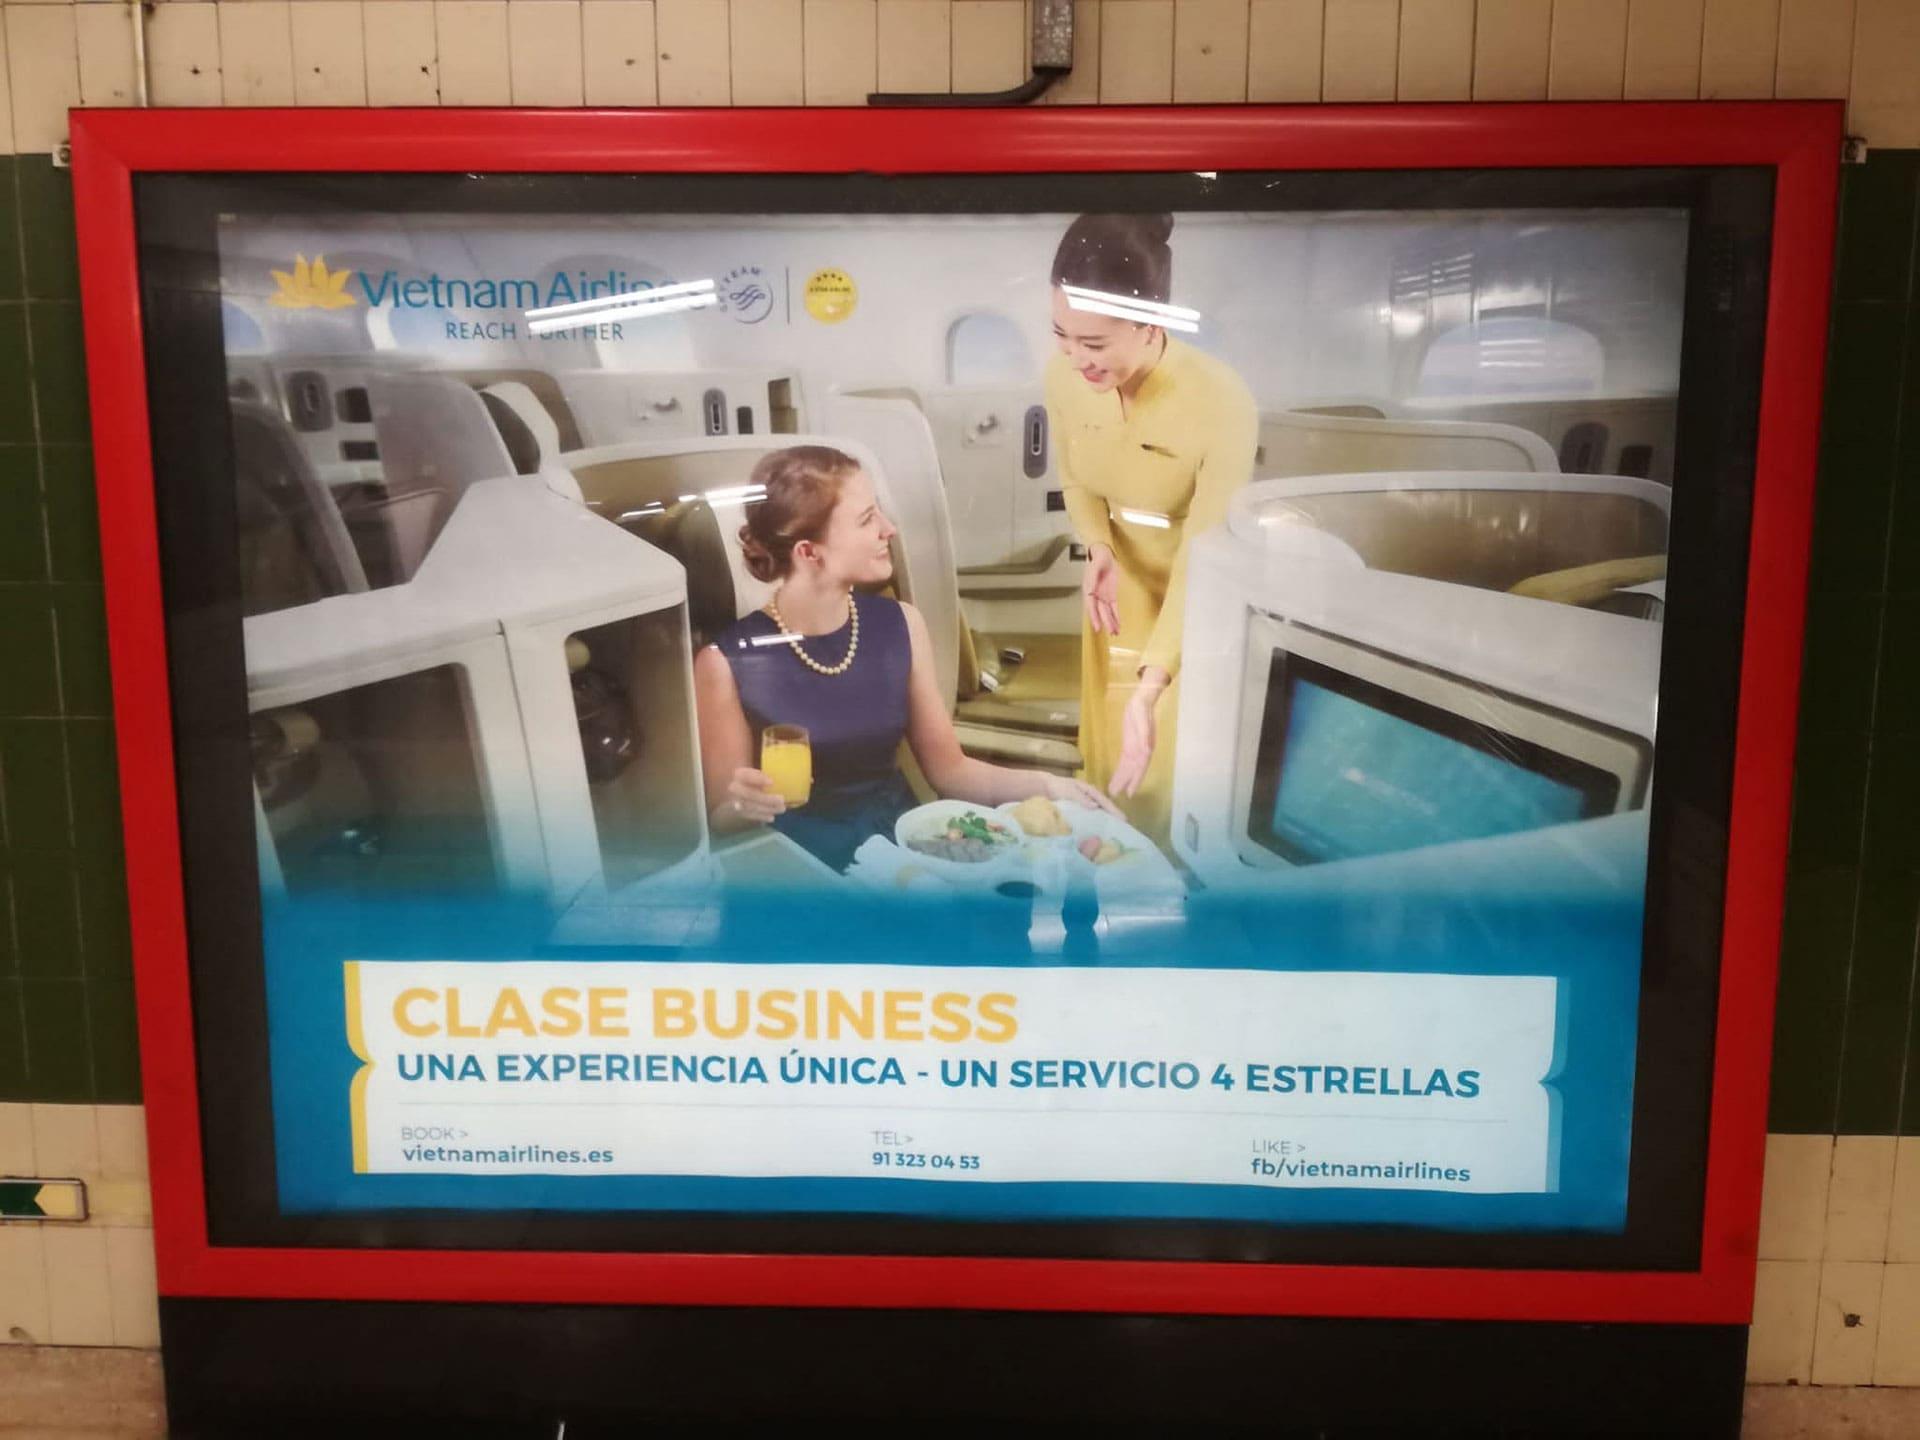 publicidad en metro Madrid - Vietnam Airlines by Anpublicidad